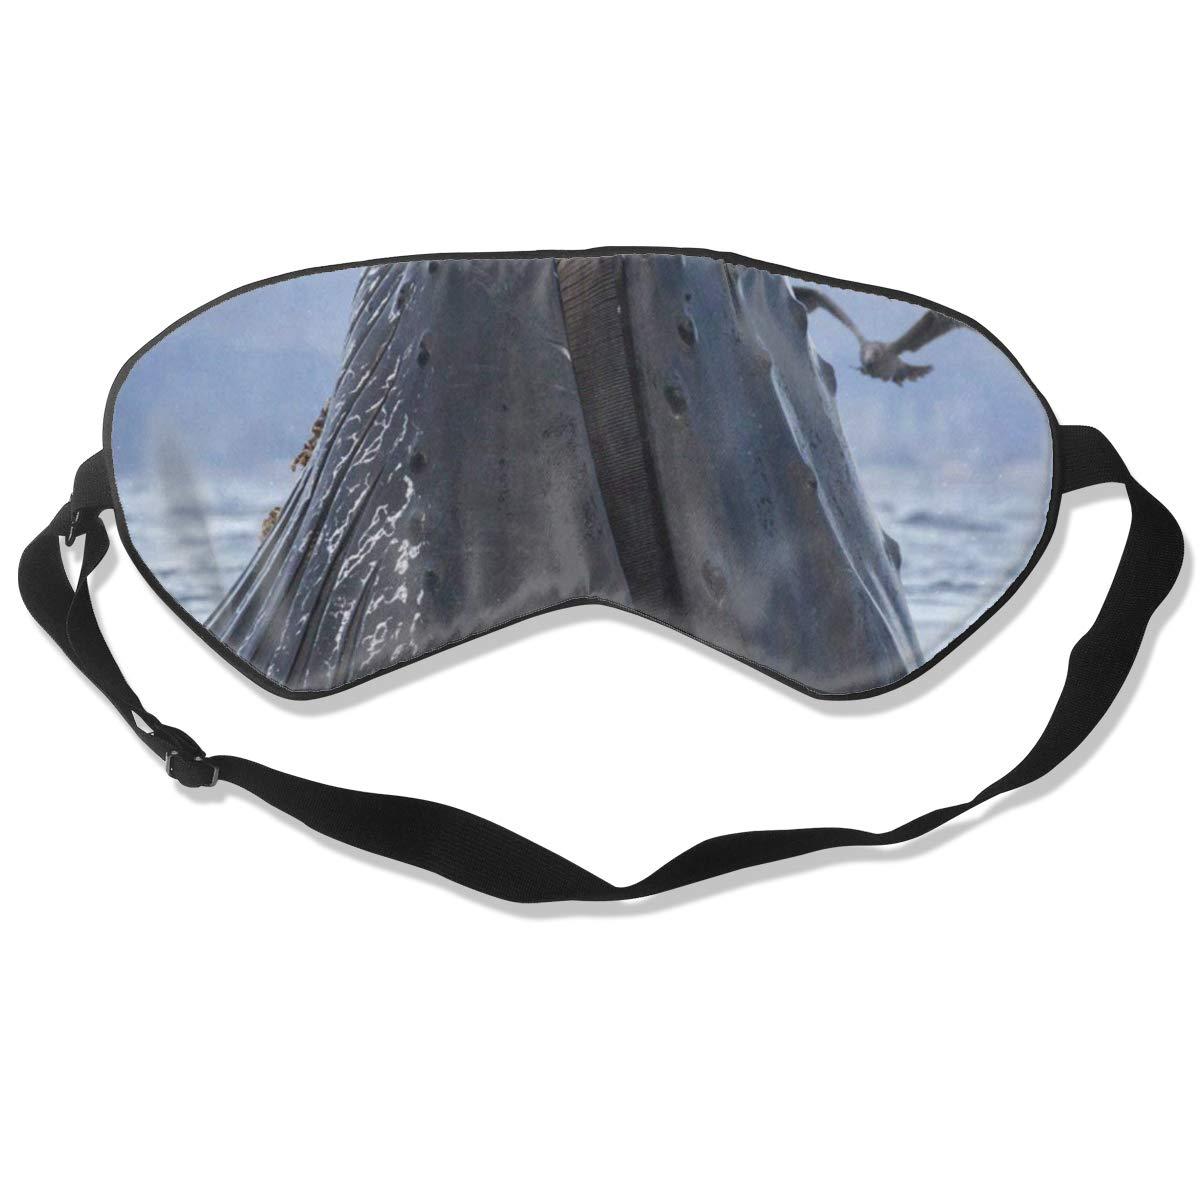 Custom Sleeping Mask Whale Shark Mouth Adjustable Breathable Sleep Mask/Sleeping Eyes Mask/Sleep Eyes Mask/Eyeshade/Blindfold